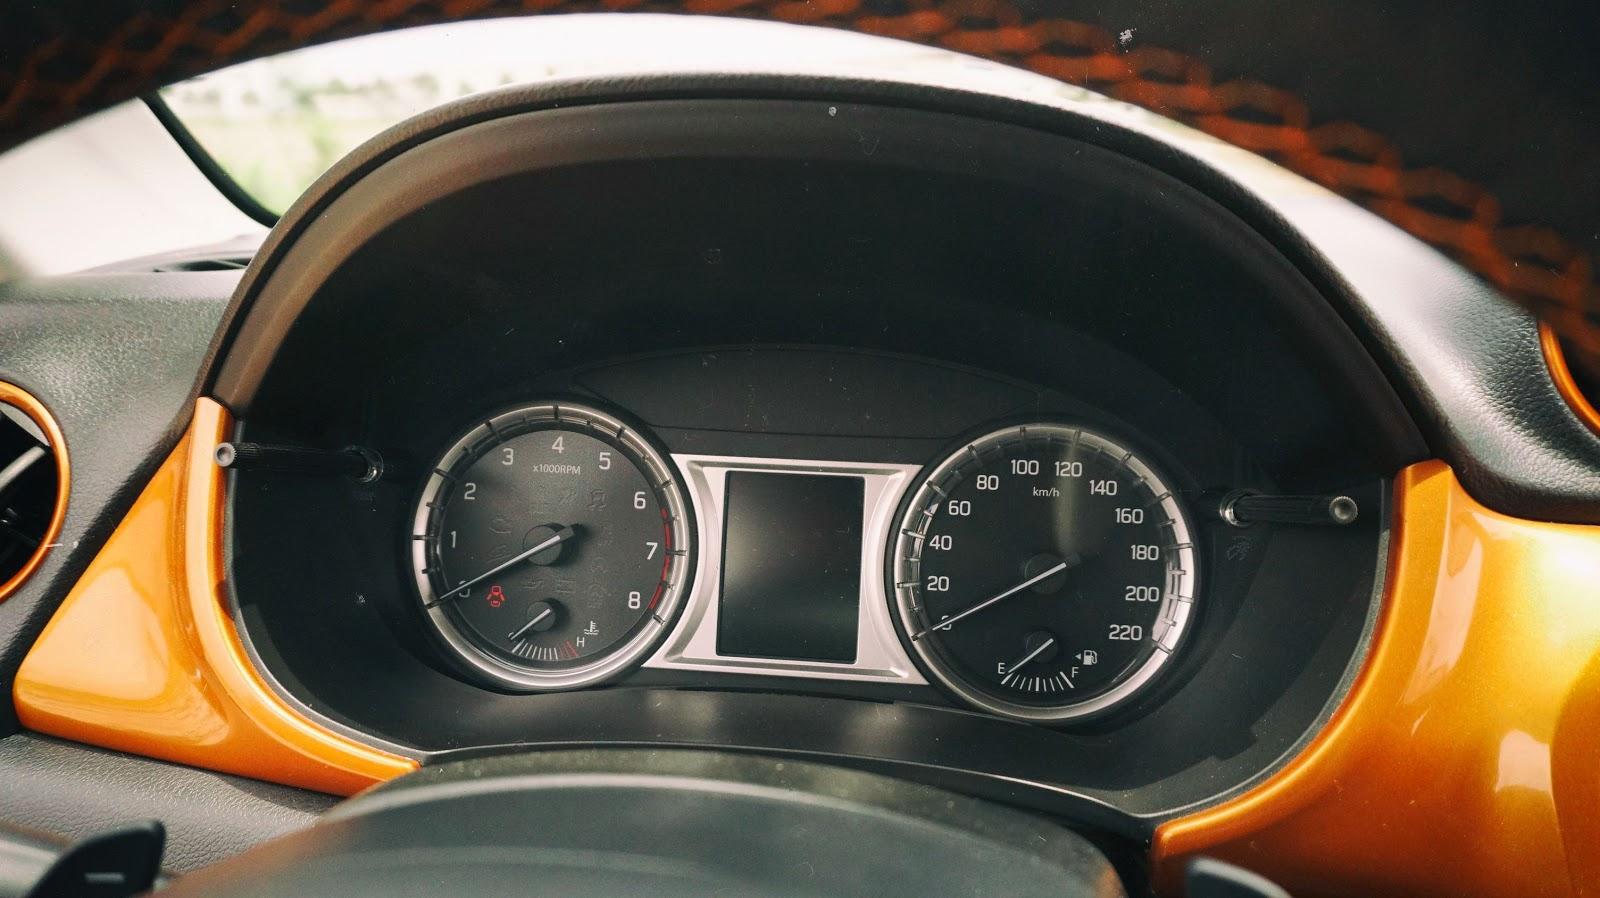 Đồng hồ cảnh báo, vòng tua máy, tốc độ, mức tiêu hao nhiên liệu và thời gian